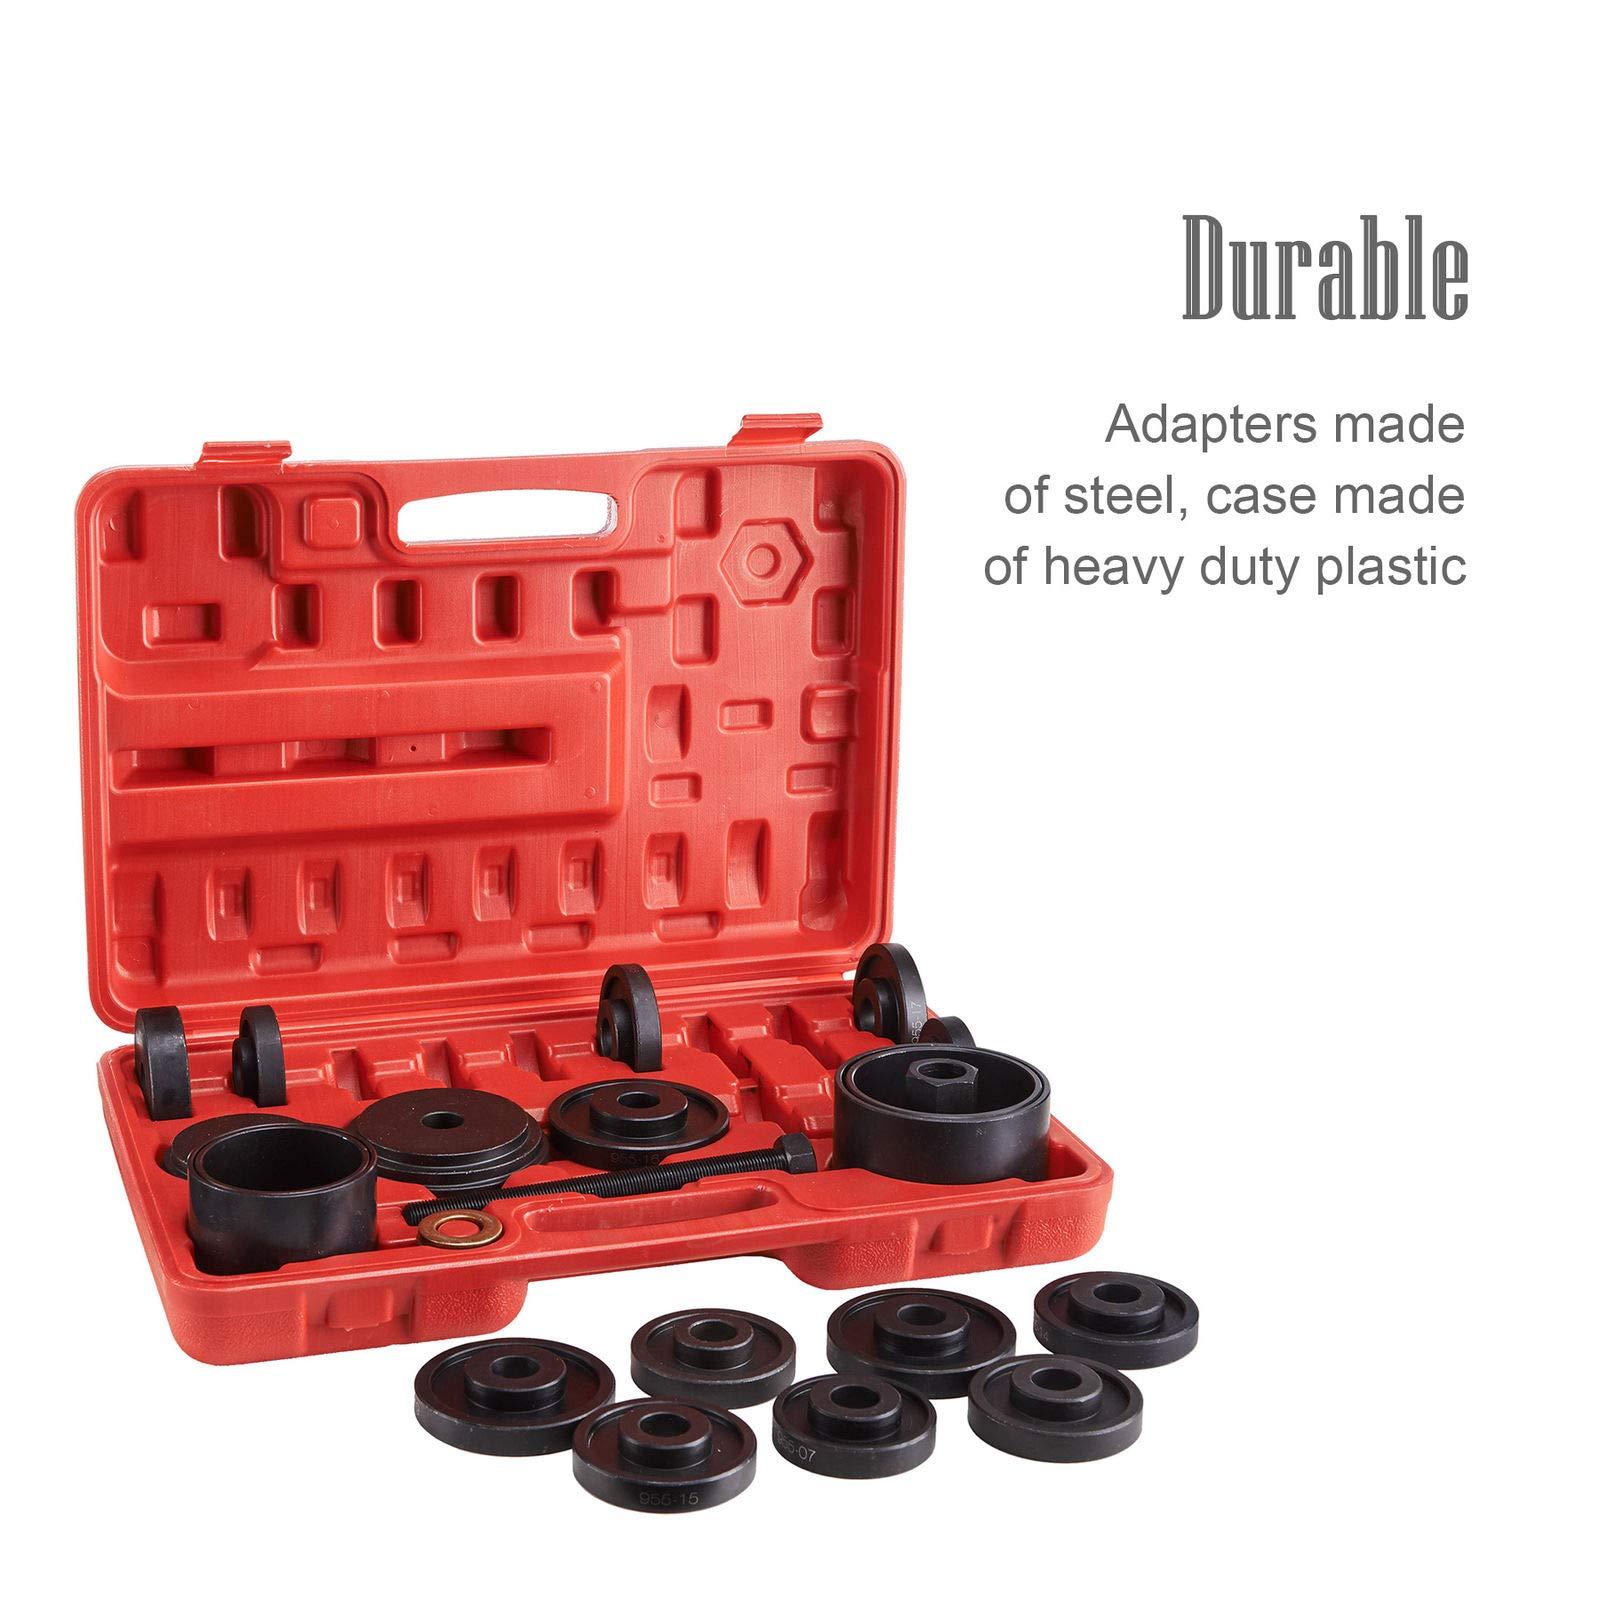 ์Nice1159 New 23 pcs Front Wheel Bearing Press Kit Removal Adapter Puller Pulley Tool Kit- Excellent Stability; (Only 5 Sets Left)